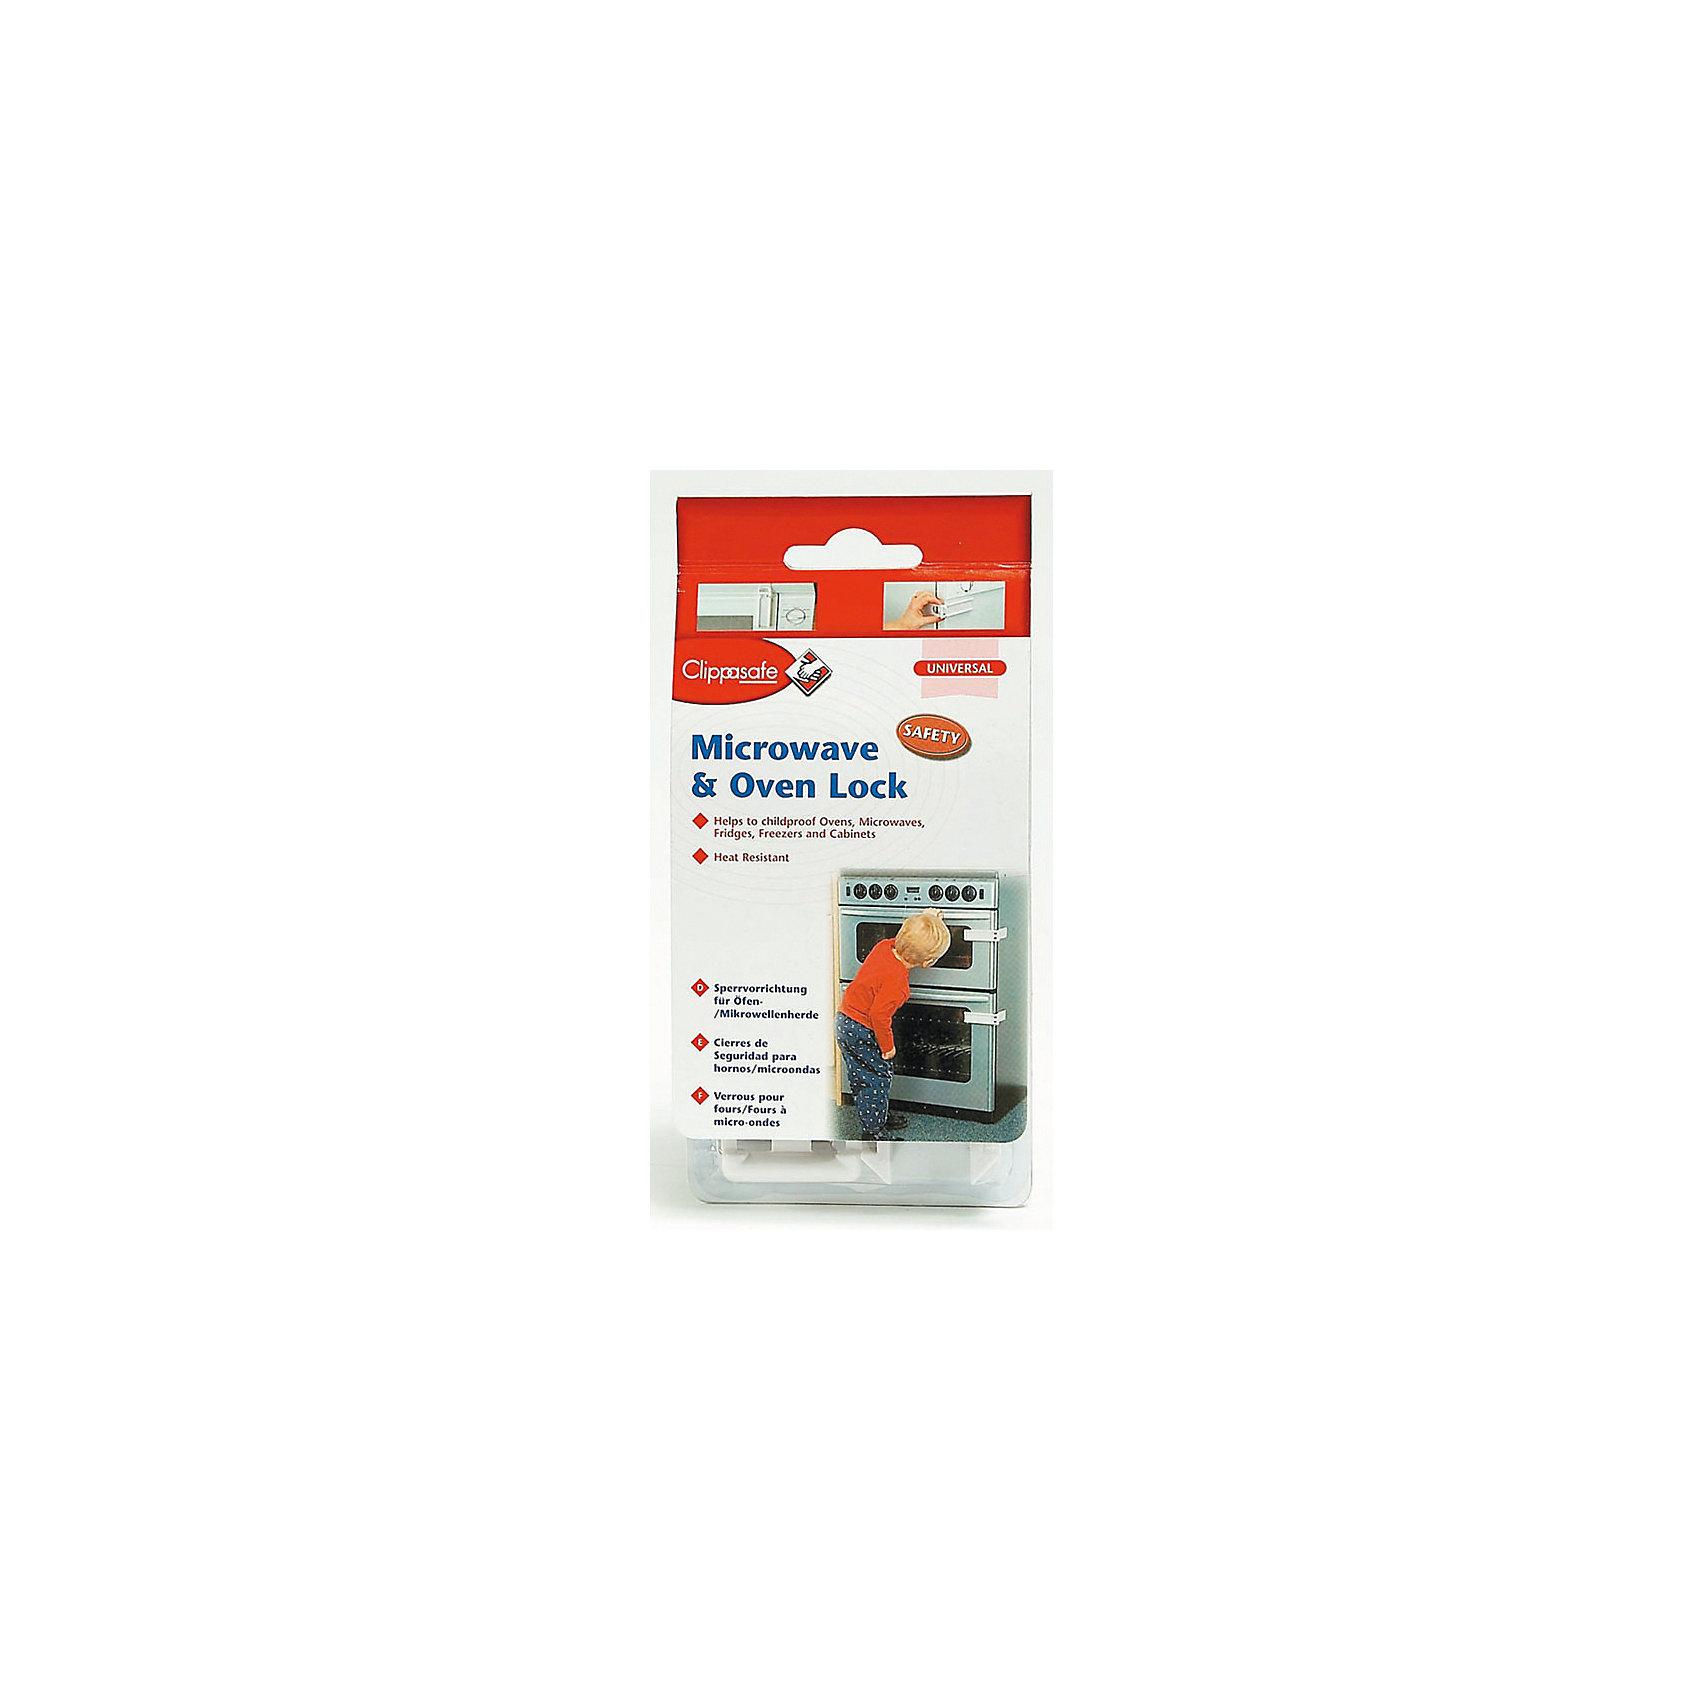 Защитный замок для микроволновой печи/духовки, ClippasafeВо избежание серьезных ожогов или травм детей используйте жаропрочный замок для духовок и микроволновых печей. Замок может легко открываться взрослыми для приготовления пищи.<br><br>Дополнительная информация:<br><br>- В комплект входит: защитный замок  - 1 шт.<br>- Материал: пластмасса.<br>- Цвет: белый.<br><br>Ширина мм: 300<br>Глубина мм: 200<br>Высота мм: 180<br>Вес г: 180<br>Возраст от месяцев: 0<br>Возраст до месяцев: 60<br>Пол: Унисекс<br>Возраст: Детский<br>SKU: 2614589